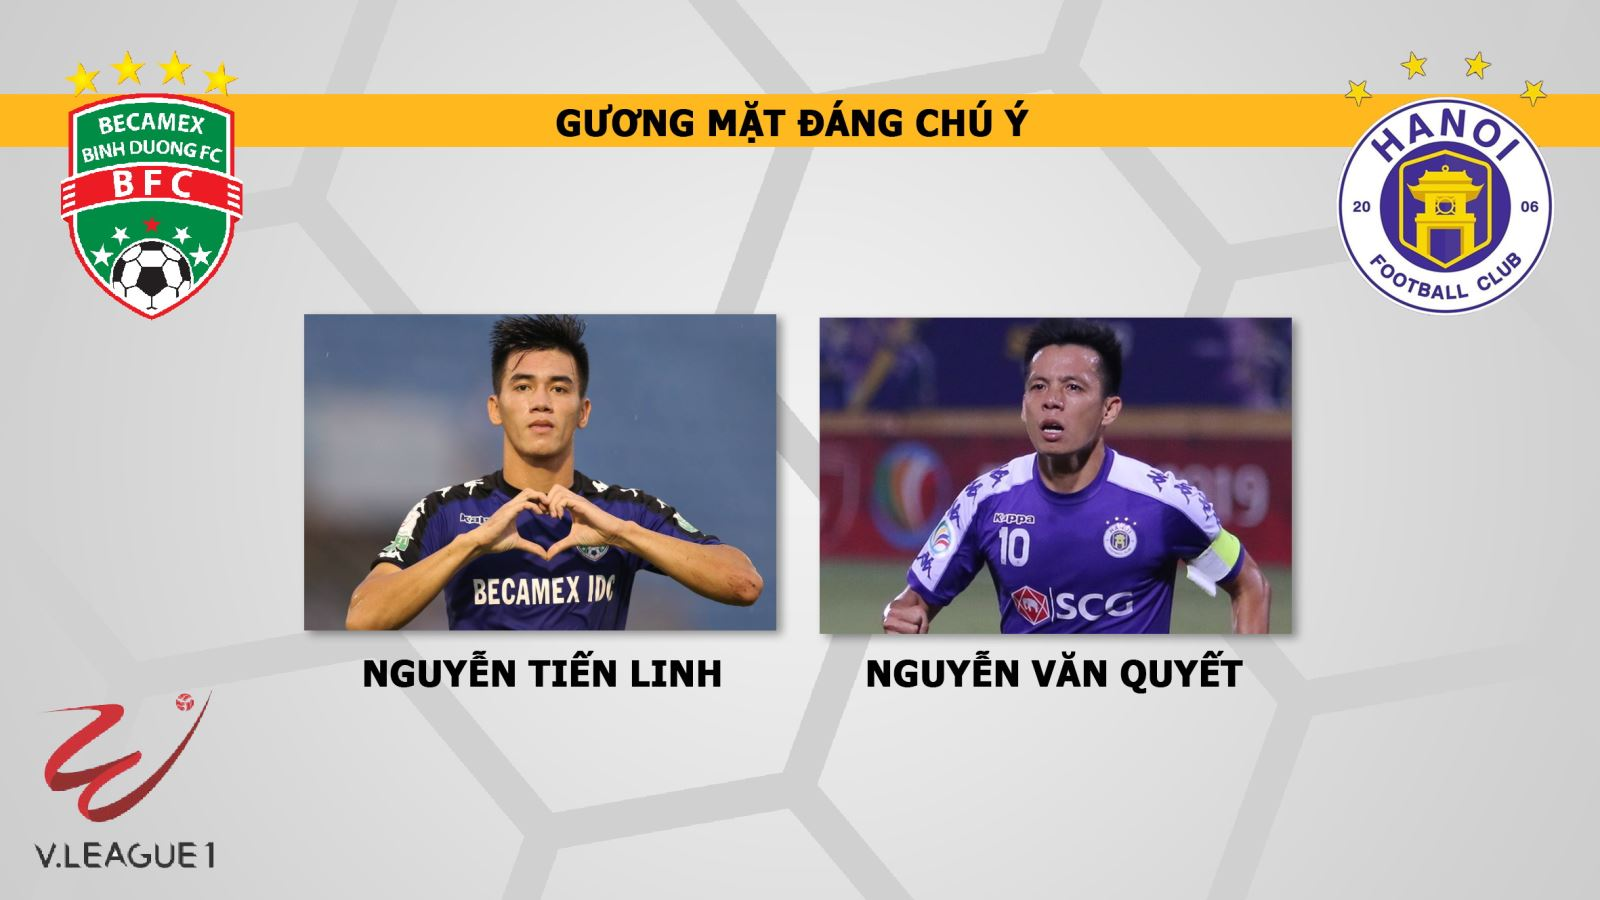 Becamex Bình Dương vsHà Nội, Bình Dương đấu với Hà Nội, nhận định, dự đoán, trực tiếp bóng đá, soi kèo, kèo bóng đá, V-League